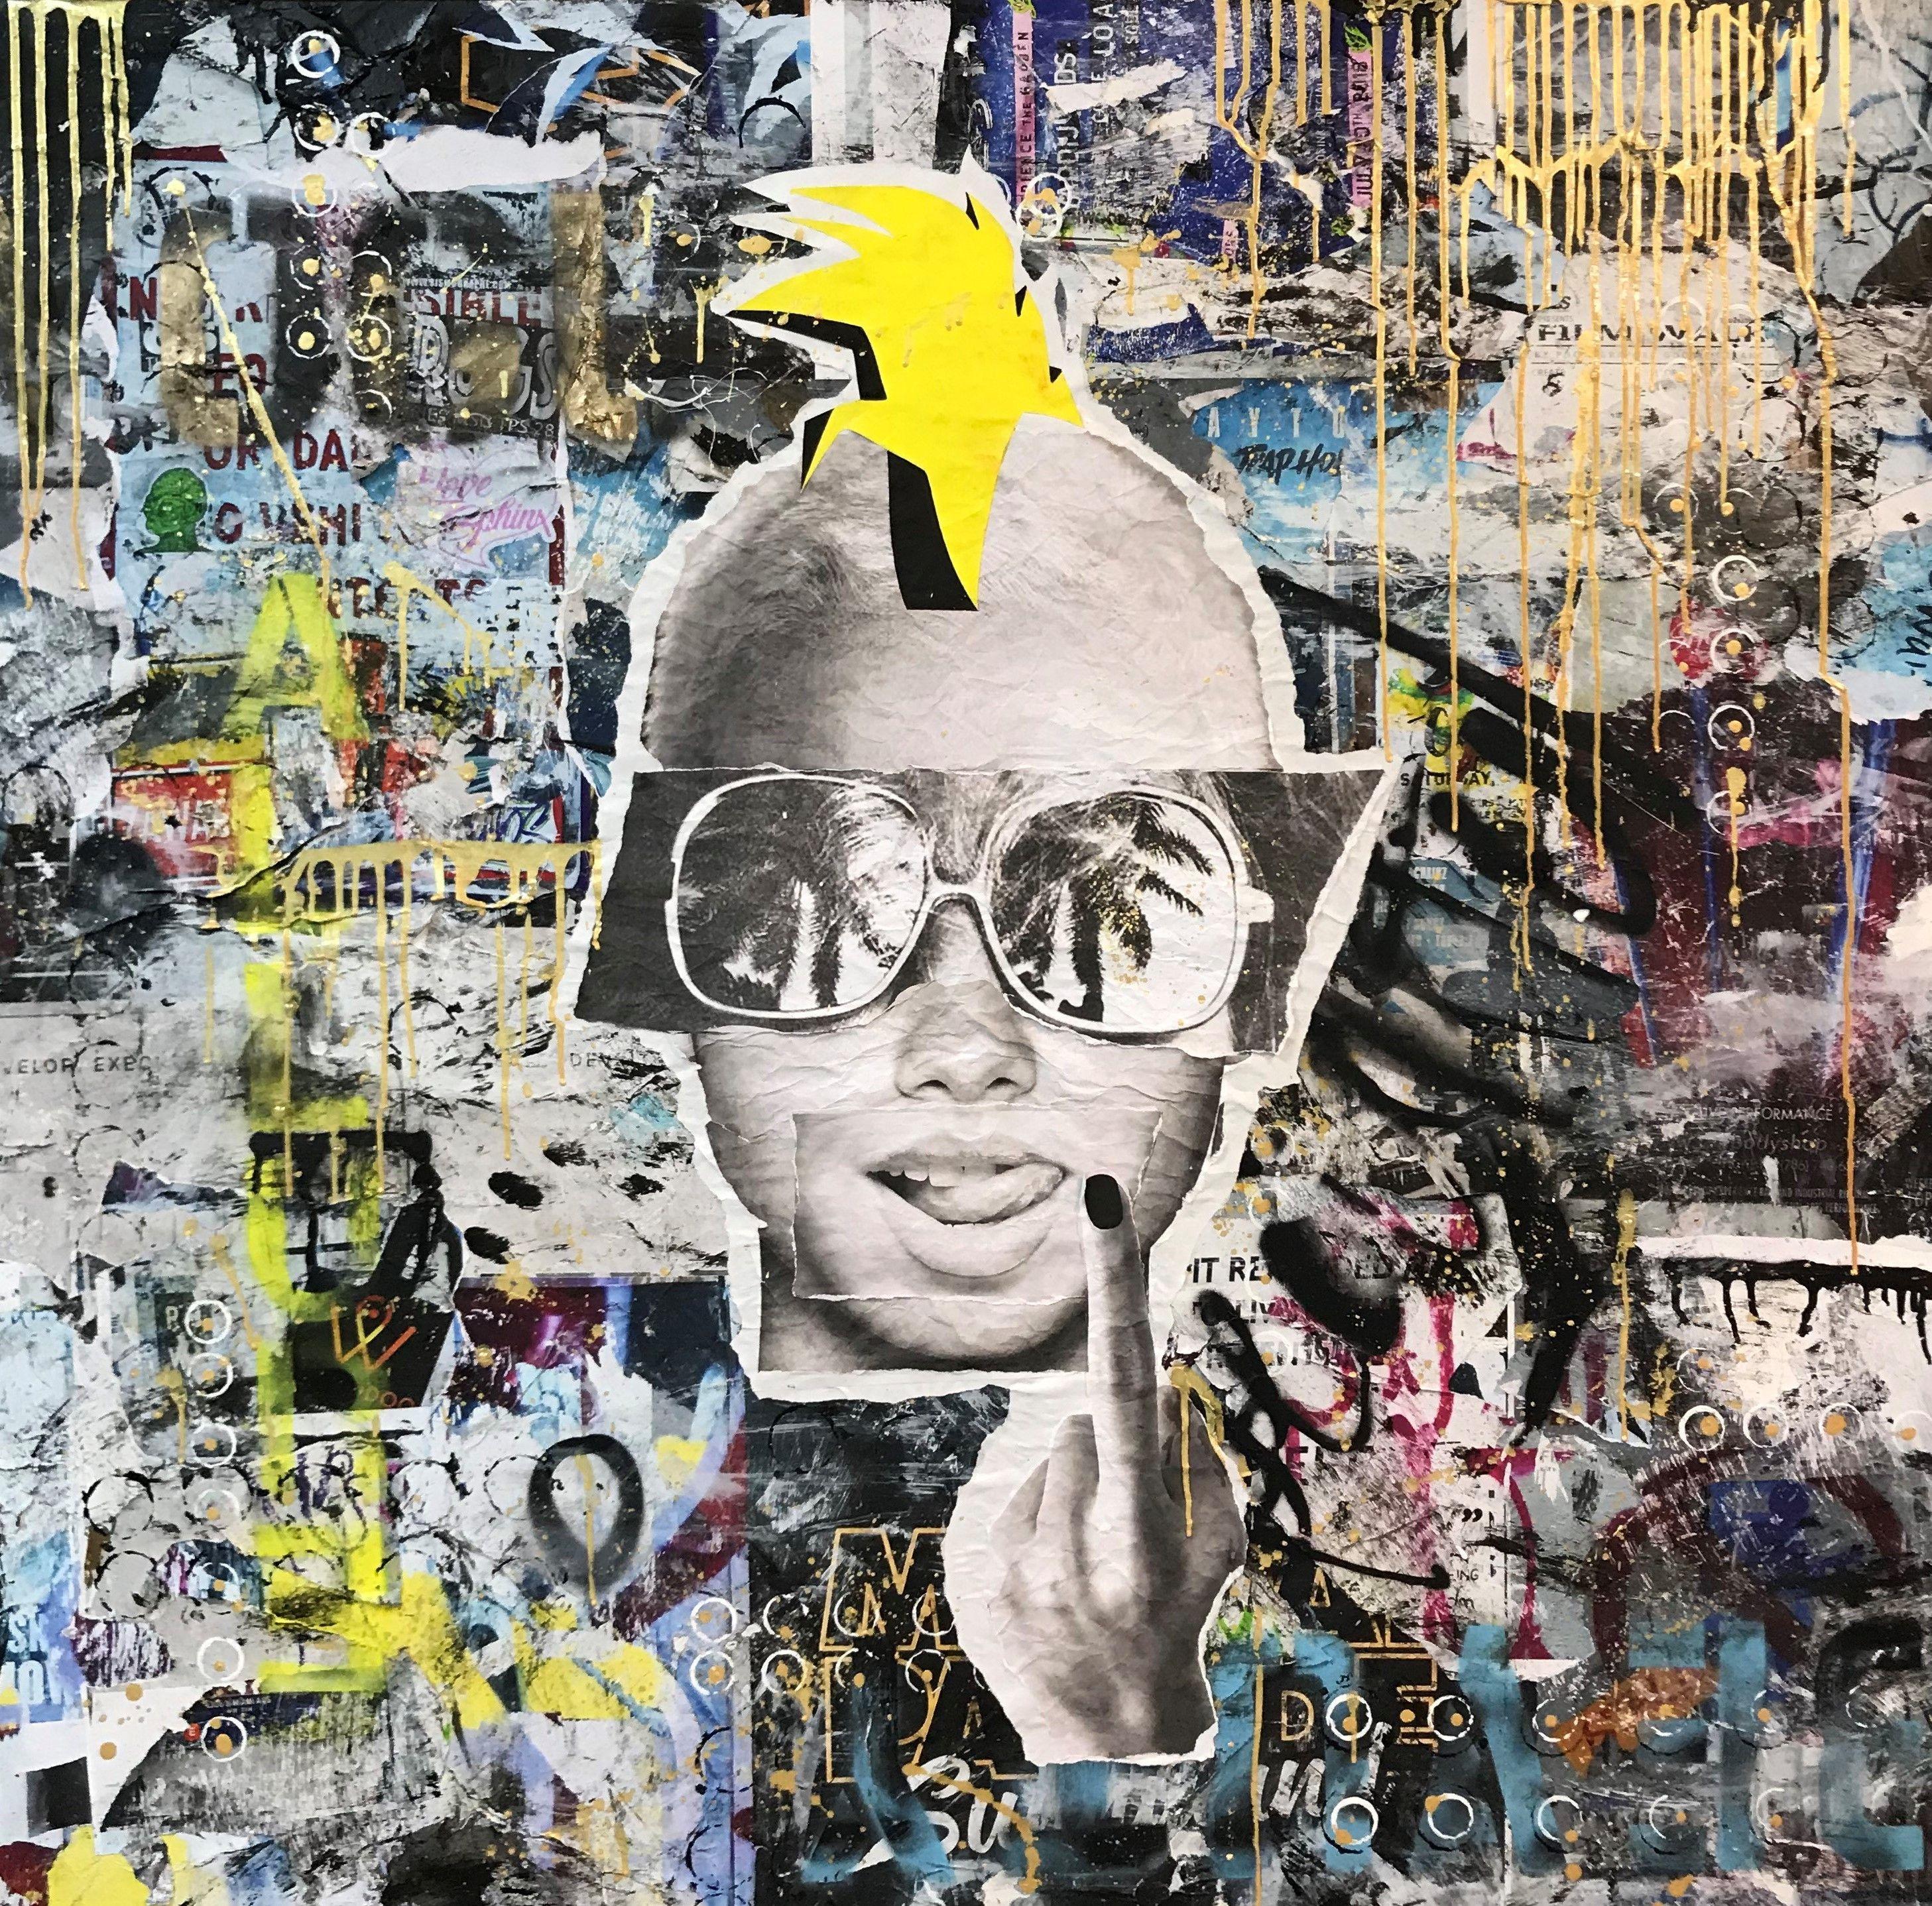 Punk, Mixed Media on Canvas